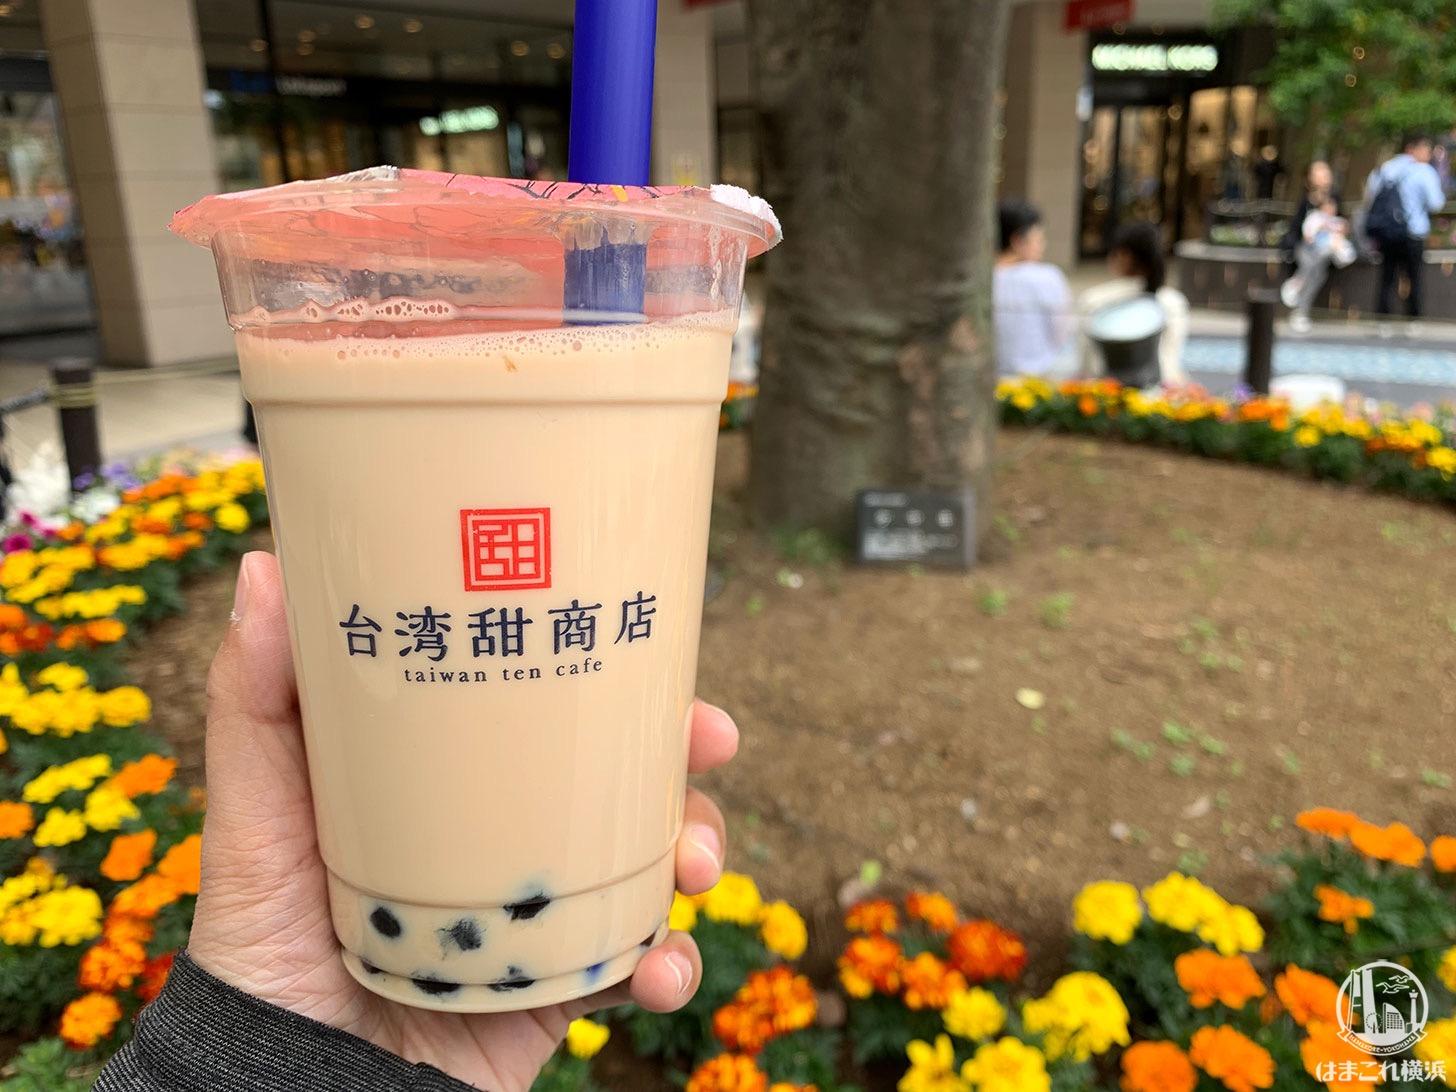 ららぽ横浜「台湾甜商店」で生タピオカ入りテンミルクティー、行列に並んでゲット!